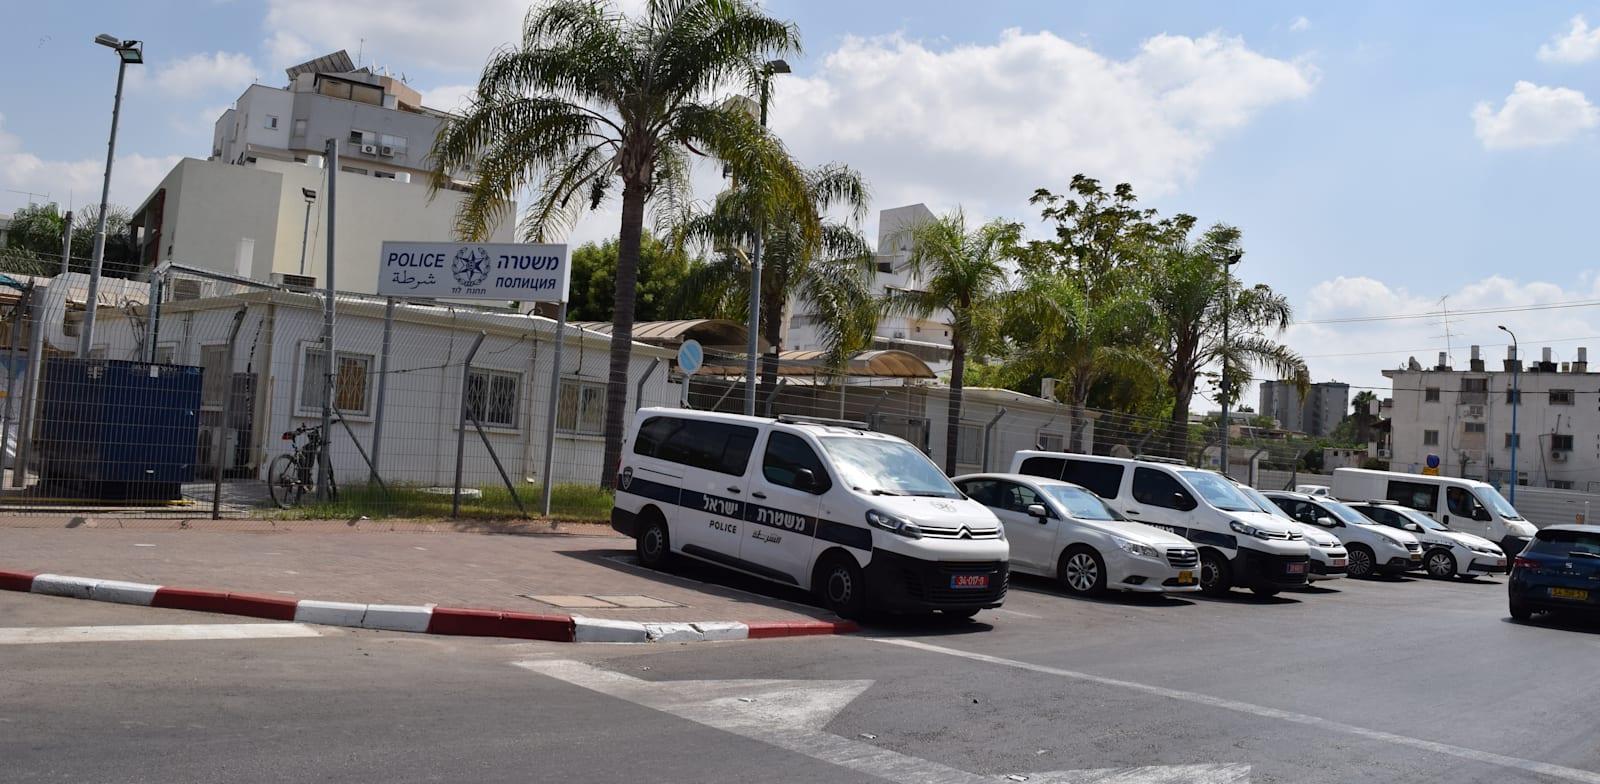 תחנת משטרת לוד / צילום: בר - אל